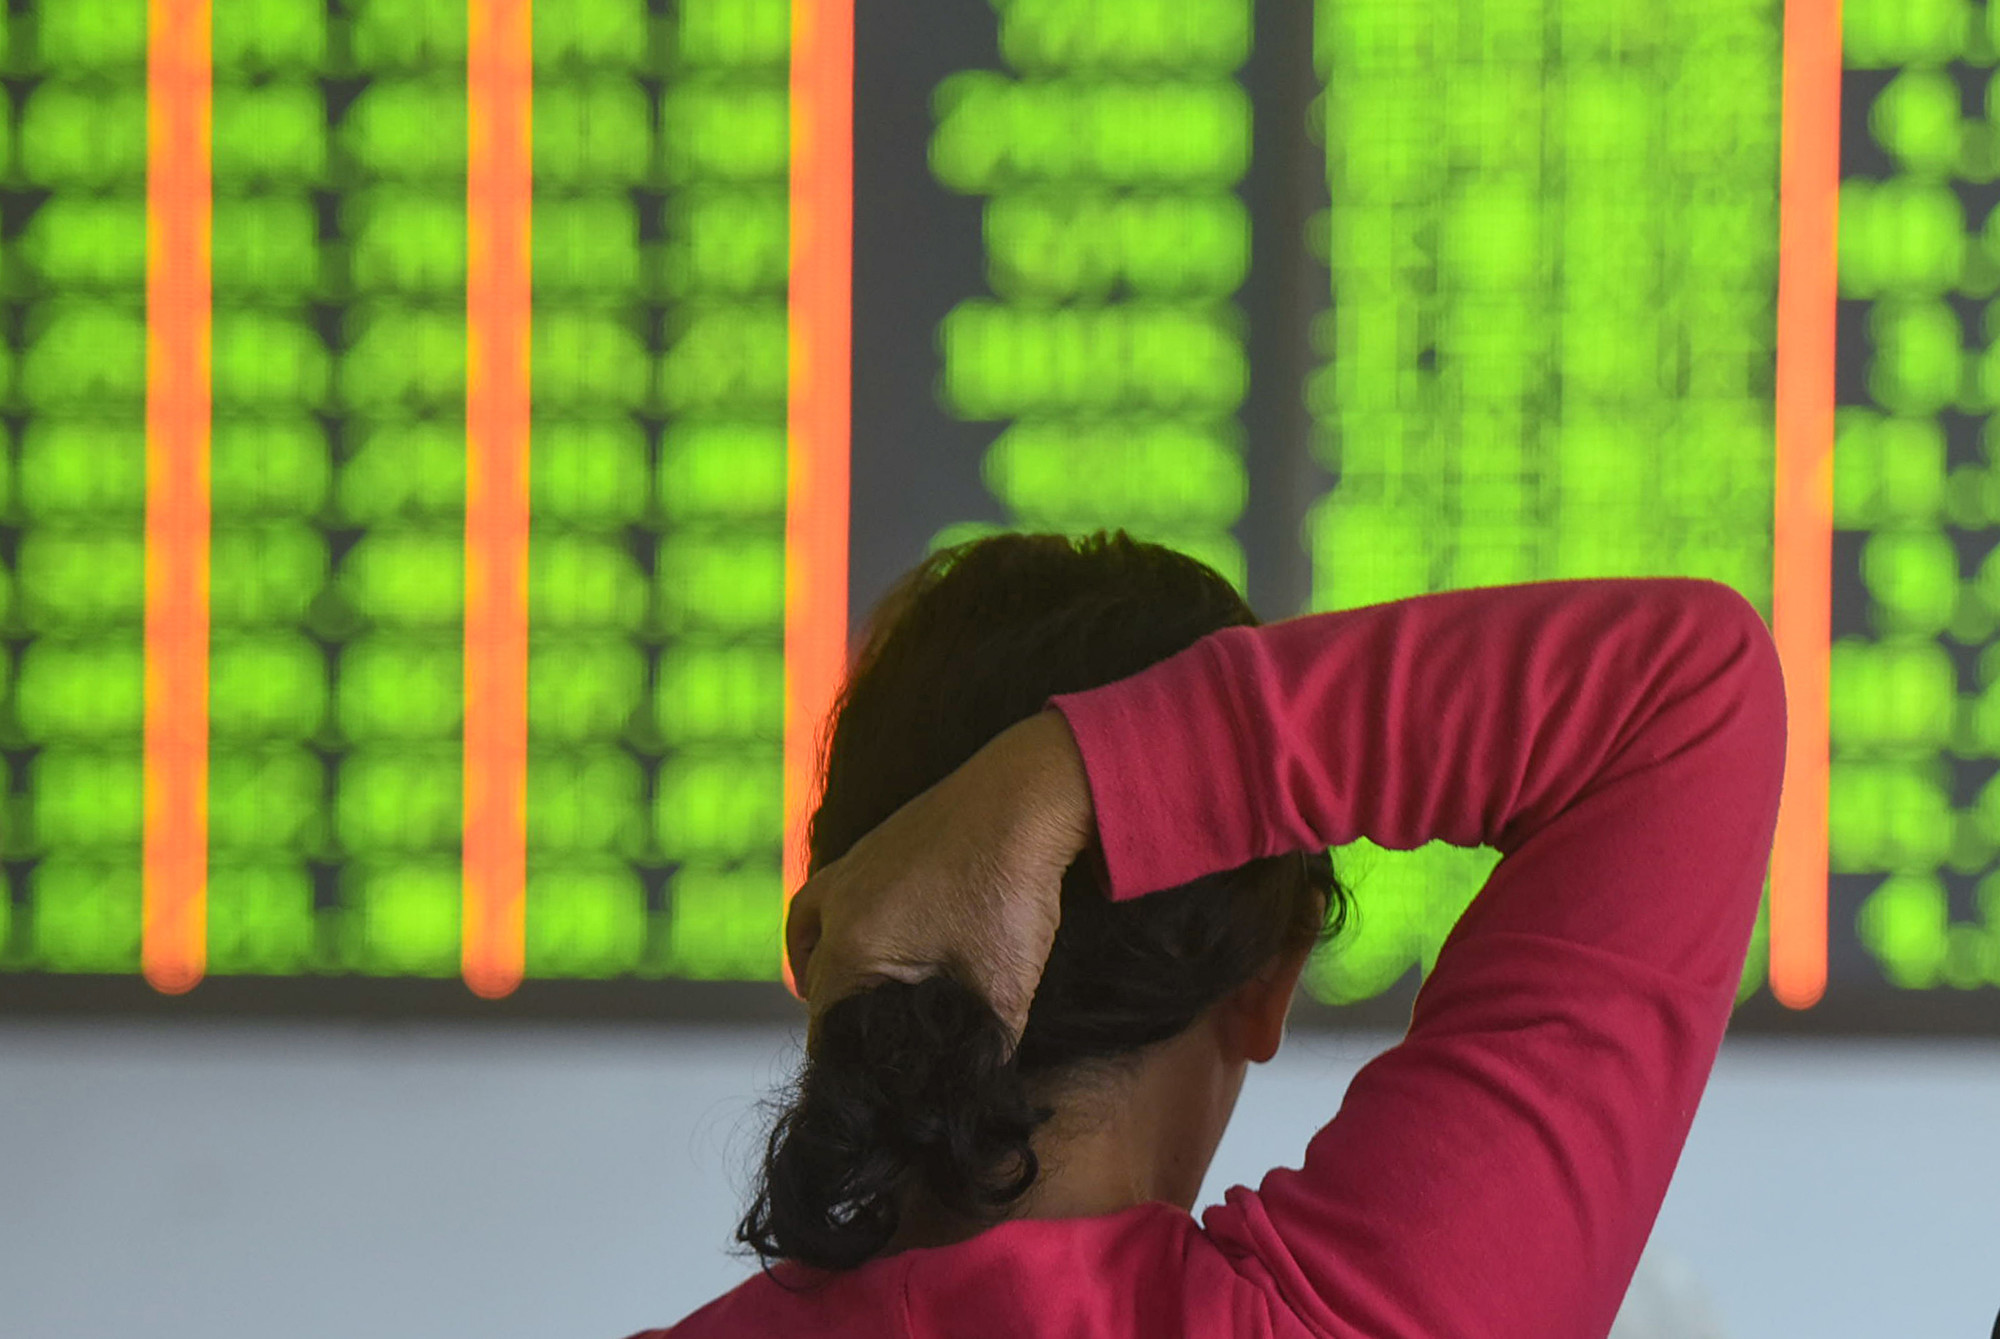 受中美貿易戰的衝擊,大陸股市在在4月和5月外流的外國資金創歷年新高。圖為2018年10月18日,浙江省杭州市一家證券公司內的投資者。(STR/AFP/Getty Images)